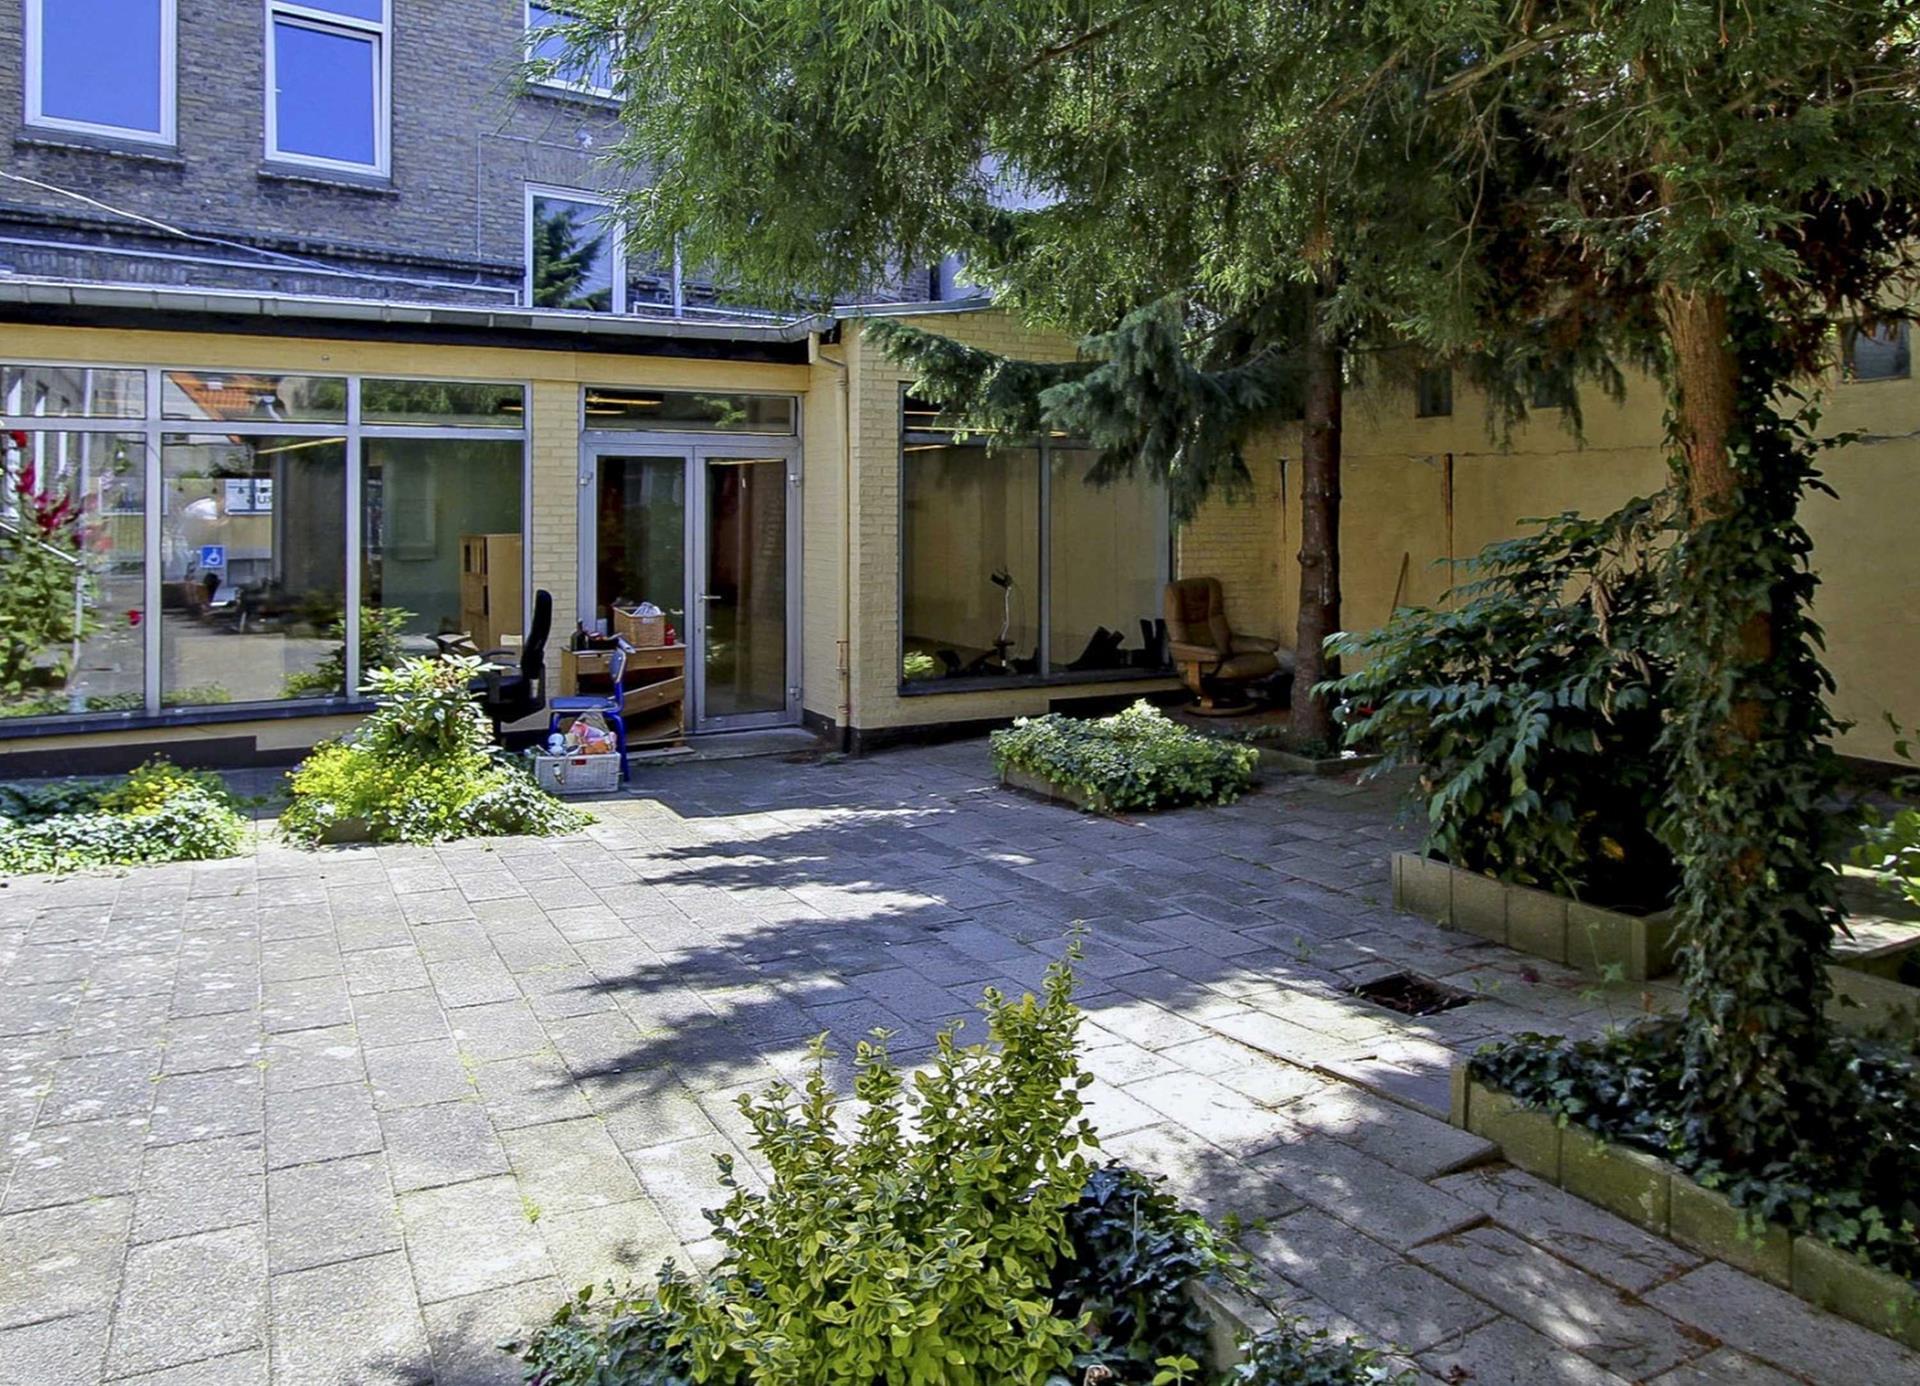 Bolig/erhverv på Store Rådhusgade i Sønderborg - Gårdhave